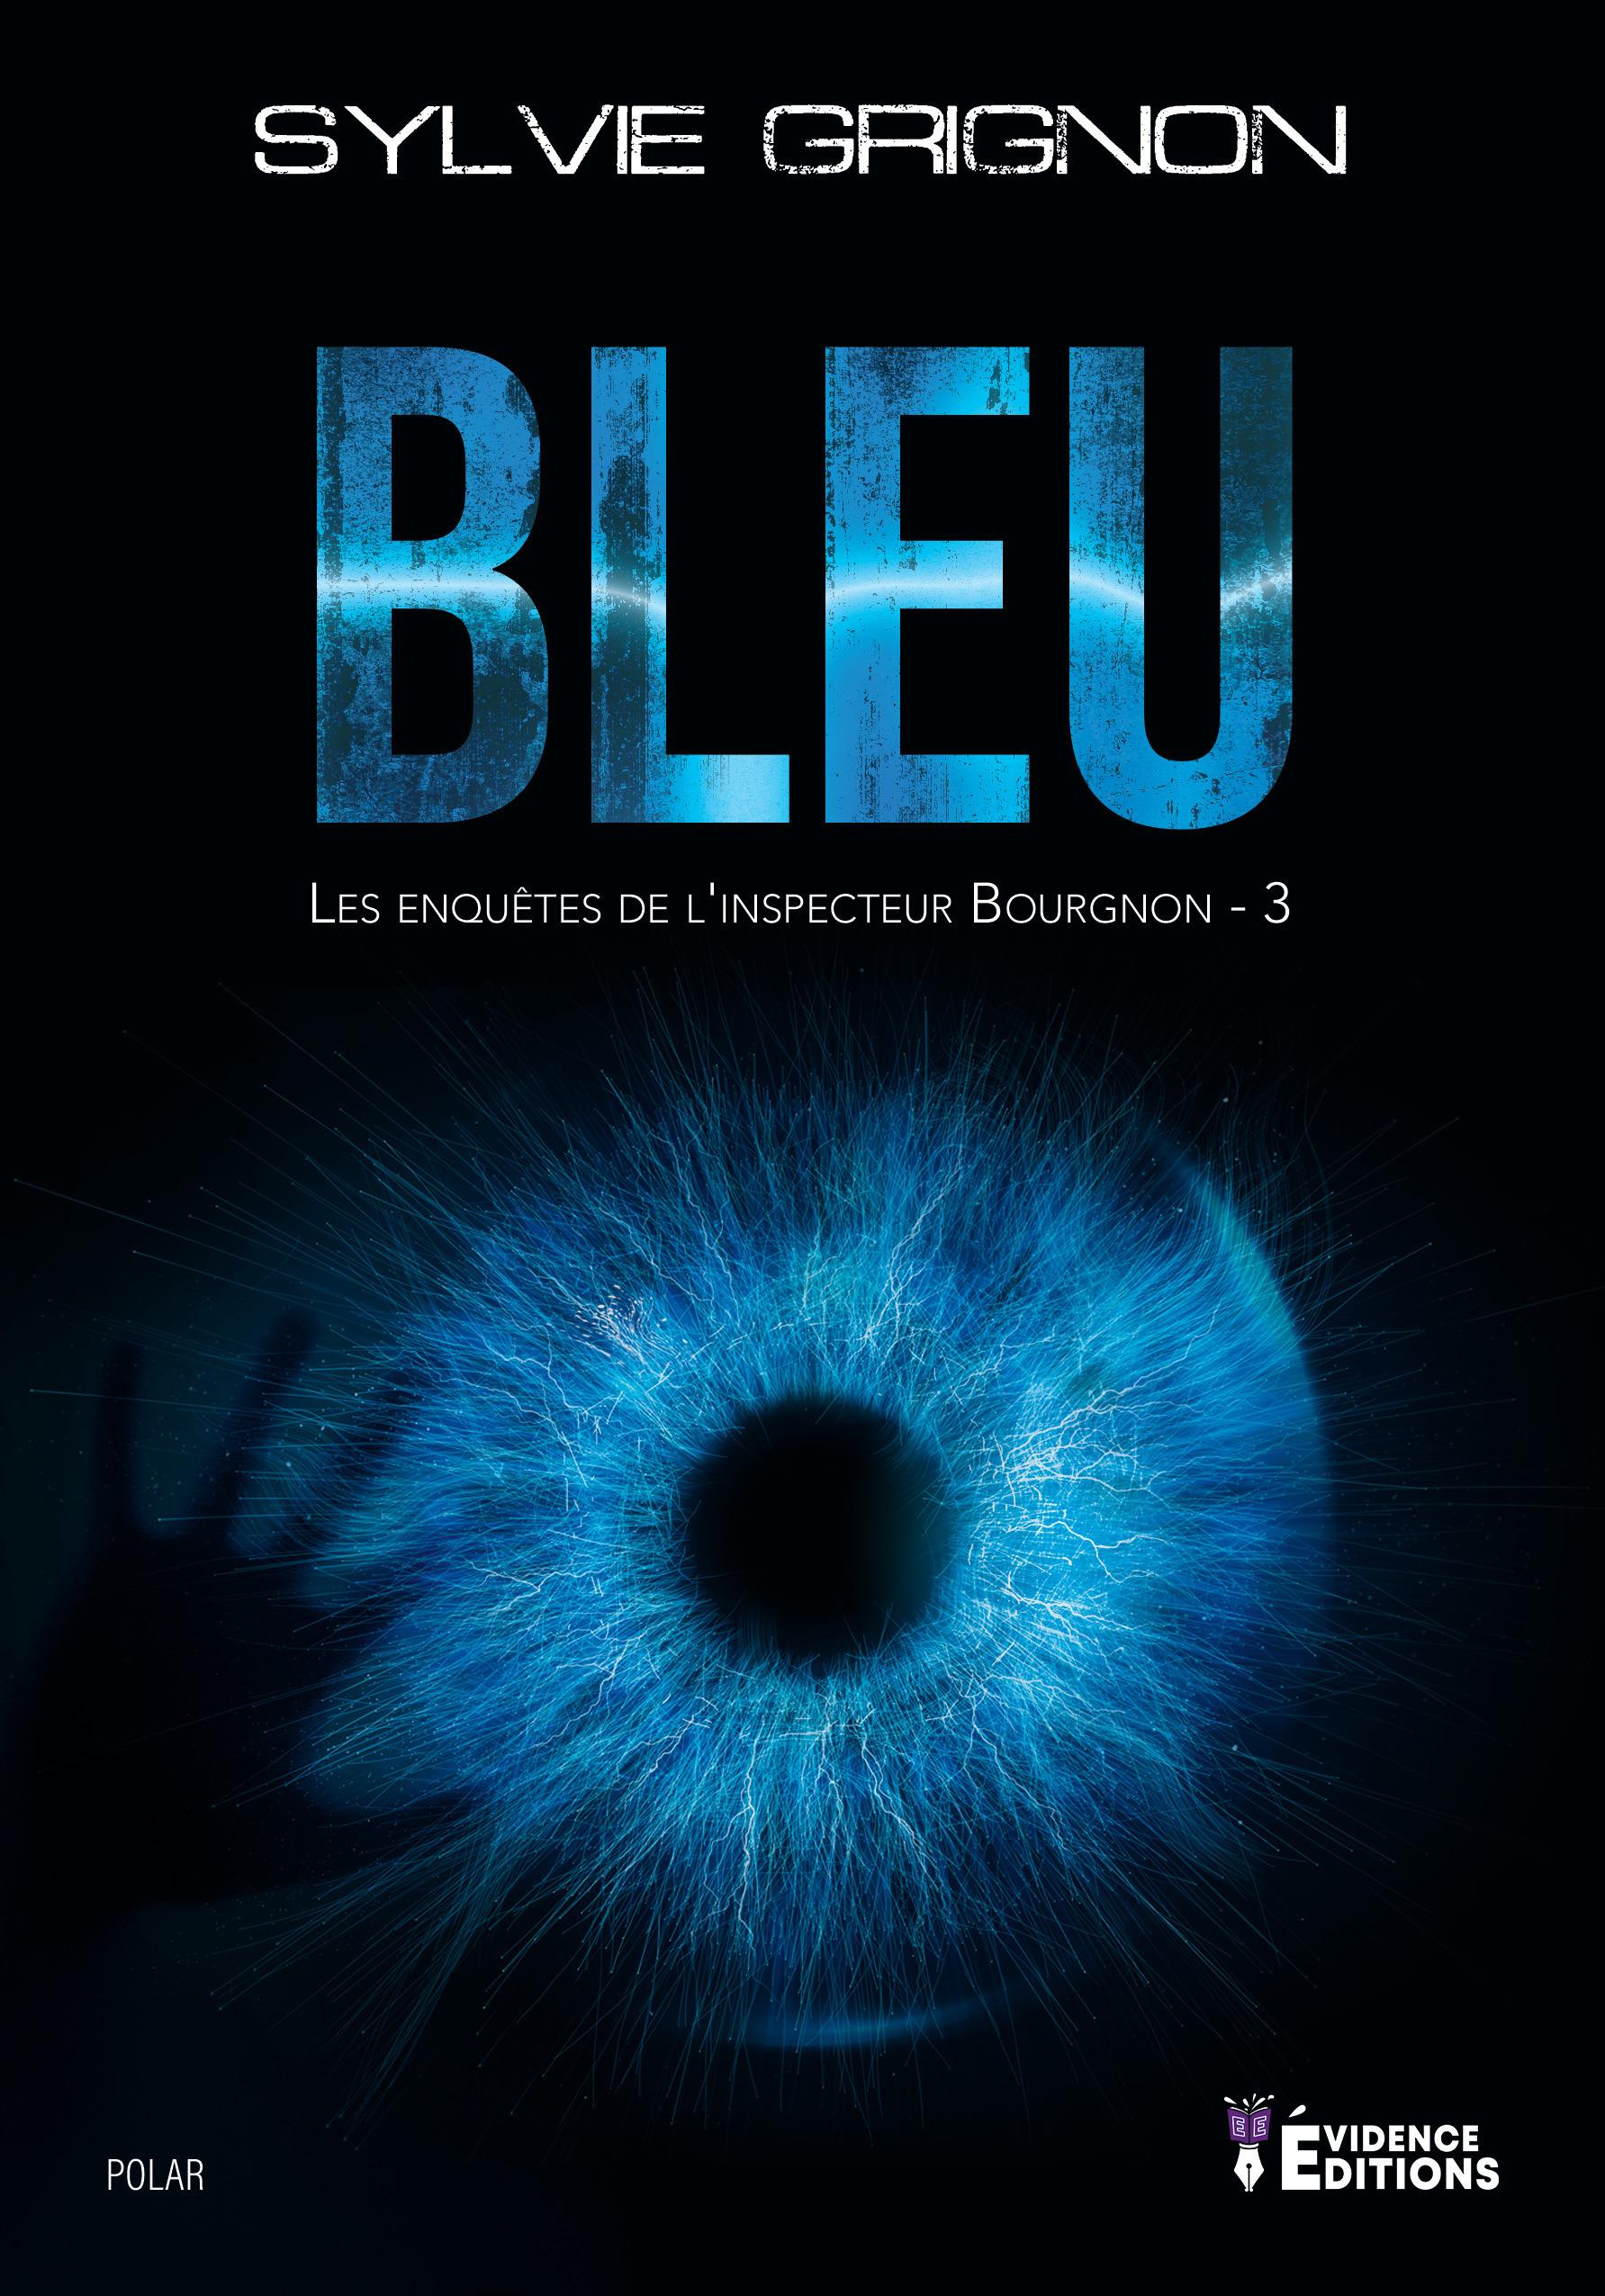 Bleu - les enquetes de l'inspecteur bourgnon - 3